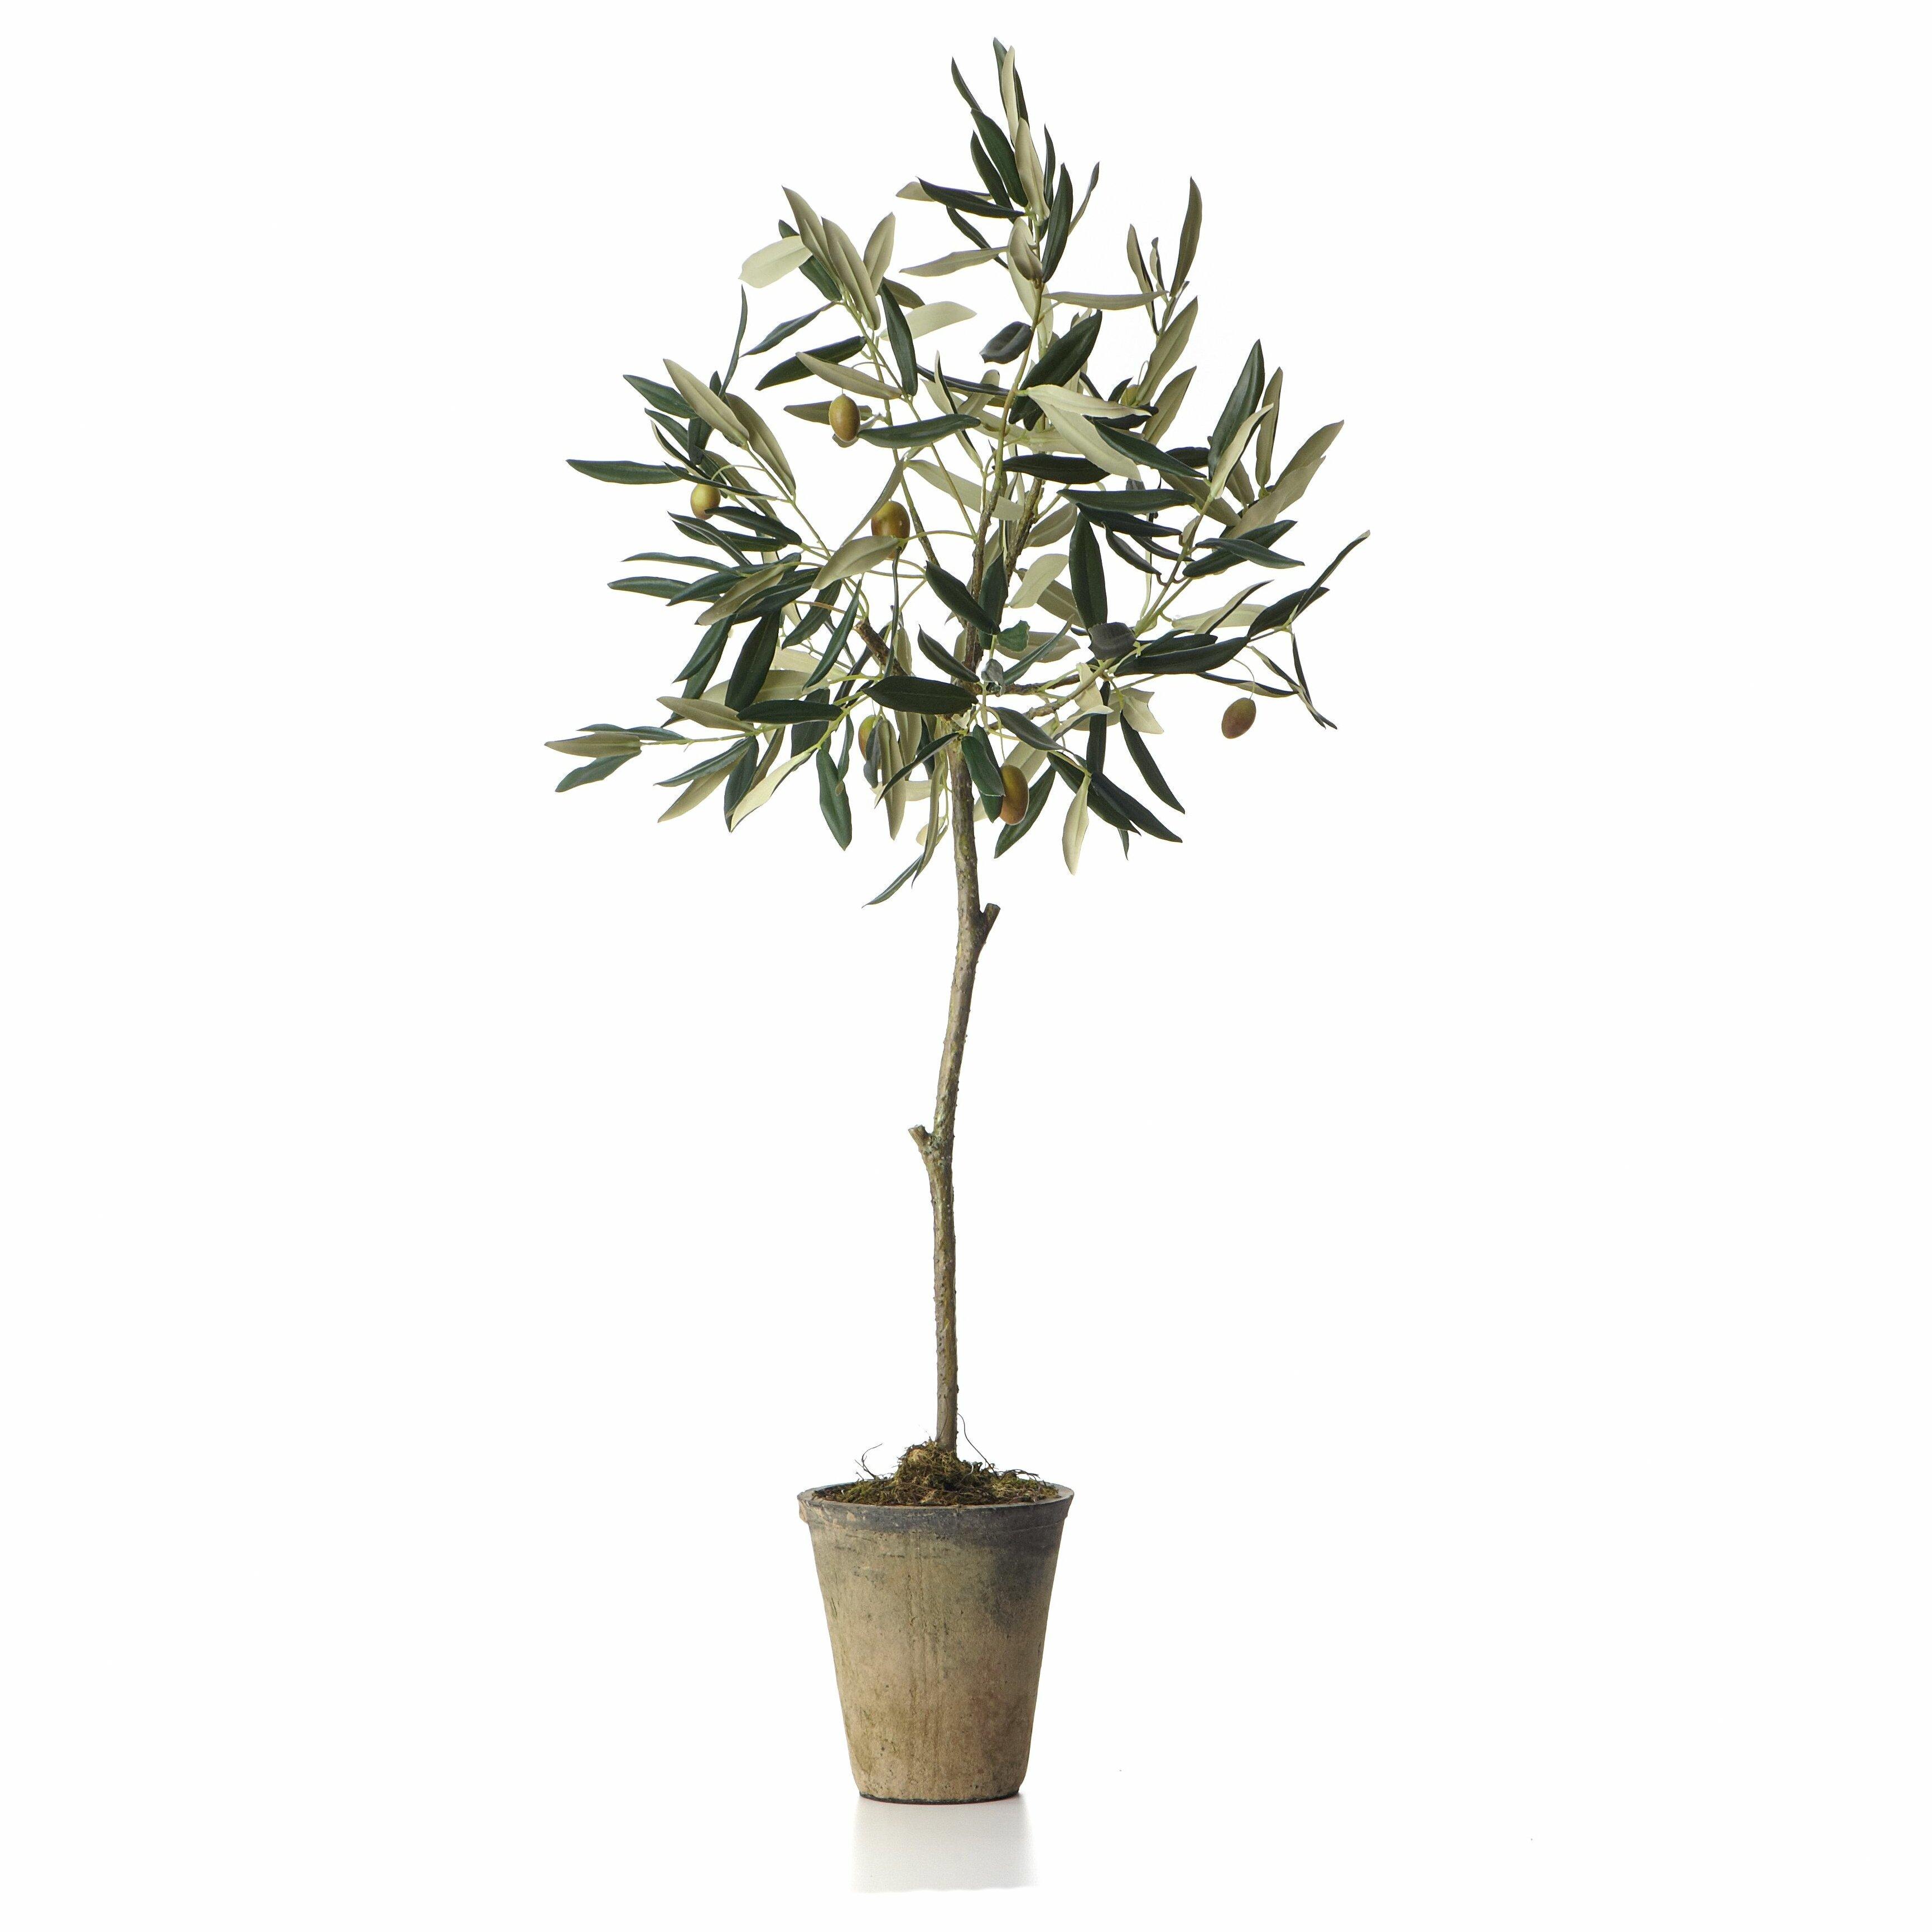 sage co potted olive tree in pot reviews wayfair. Black Bedroom Furniture Sets. Home Design Ideas